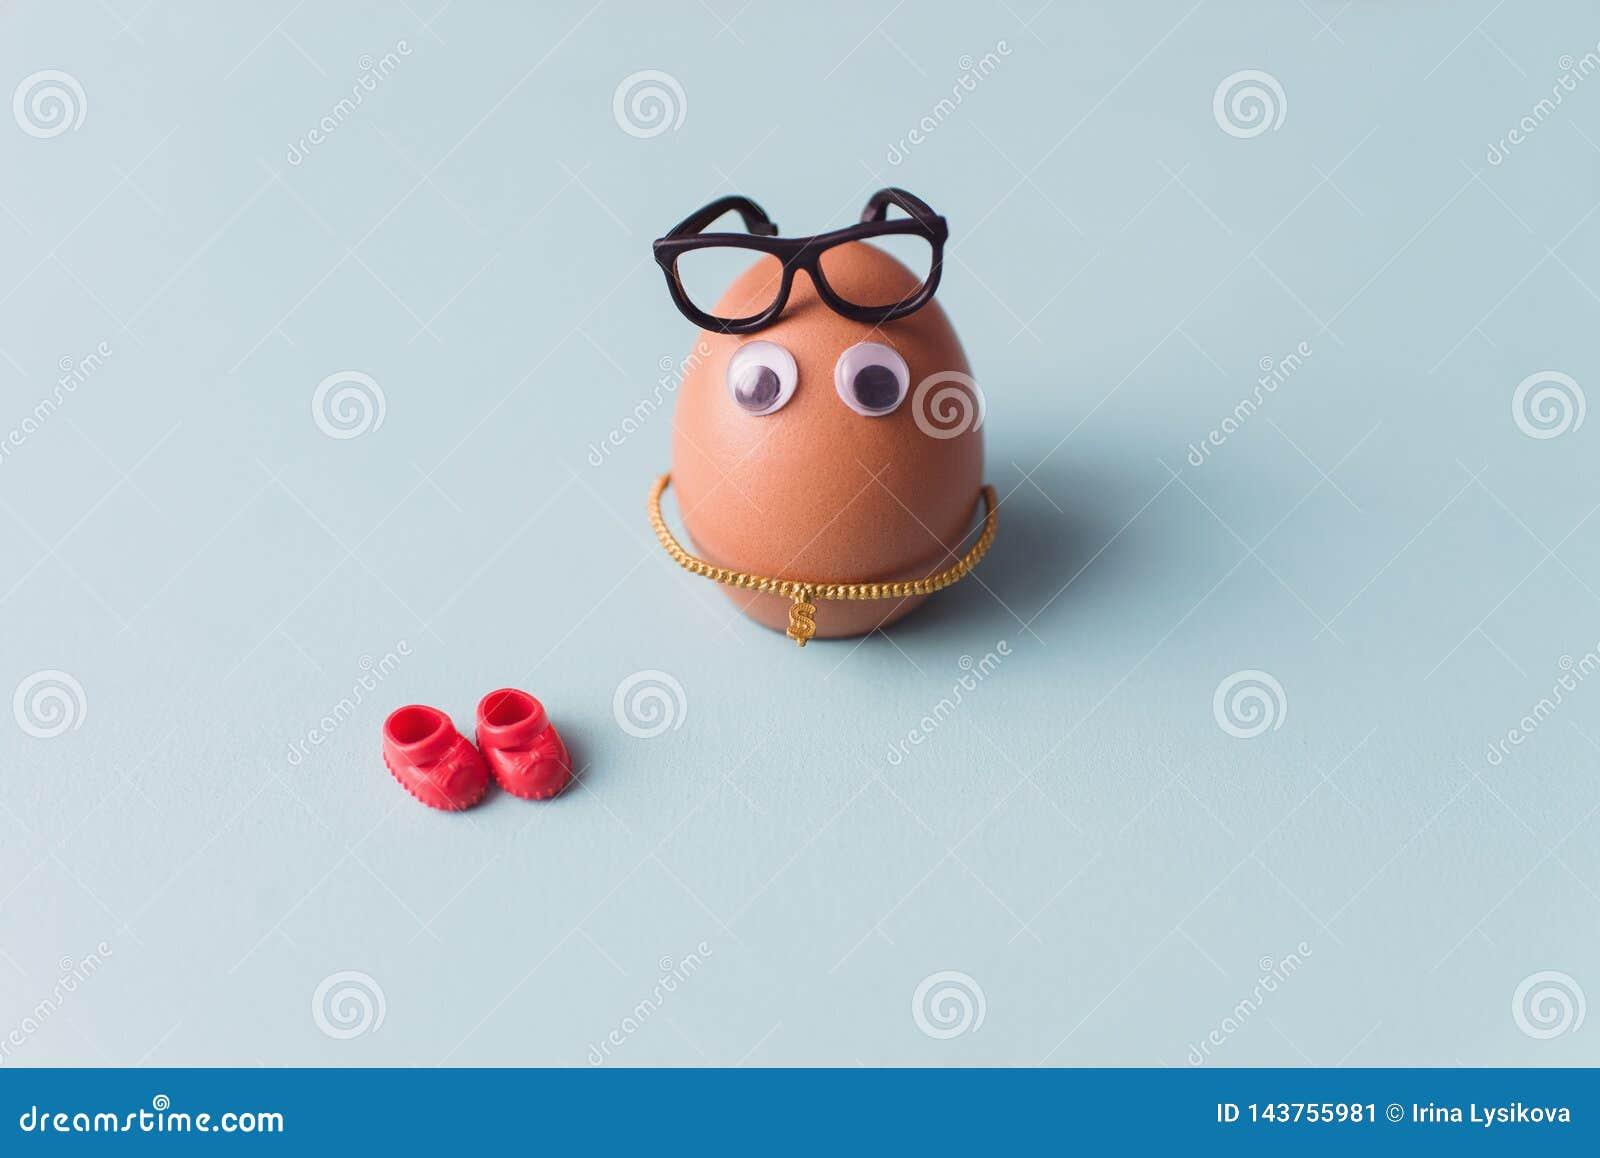 Ein lustiges nettes braunes Ei mit schwarzen Gl?sern und roten Schuhen auf blauem Hintergrund